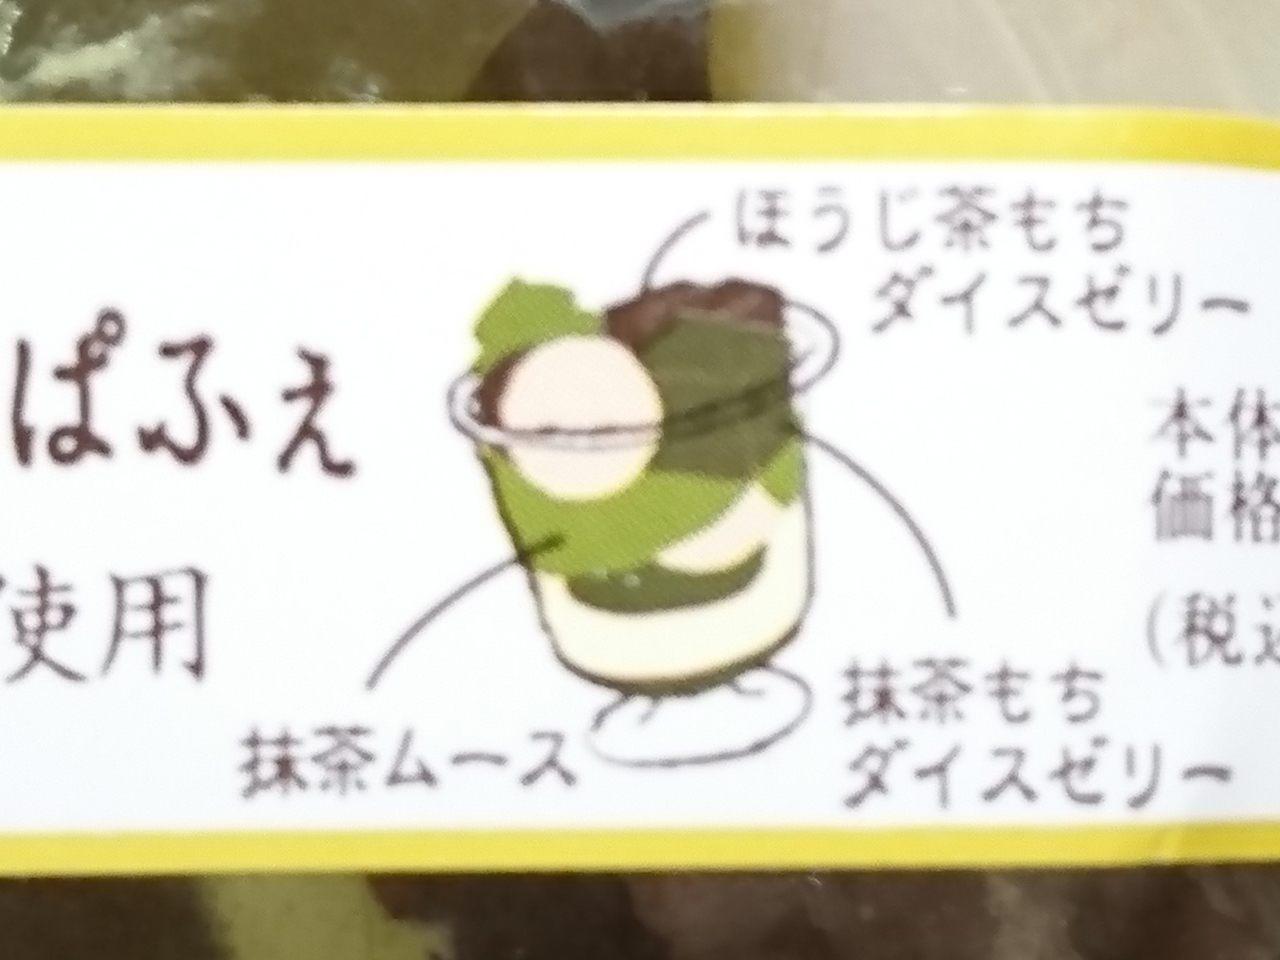 使用了辻利一本店的宇治抹茶與焙茶